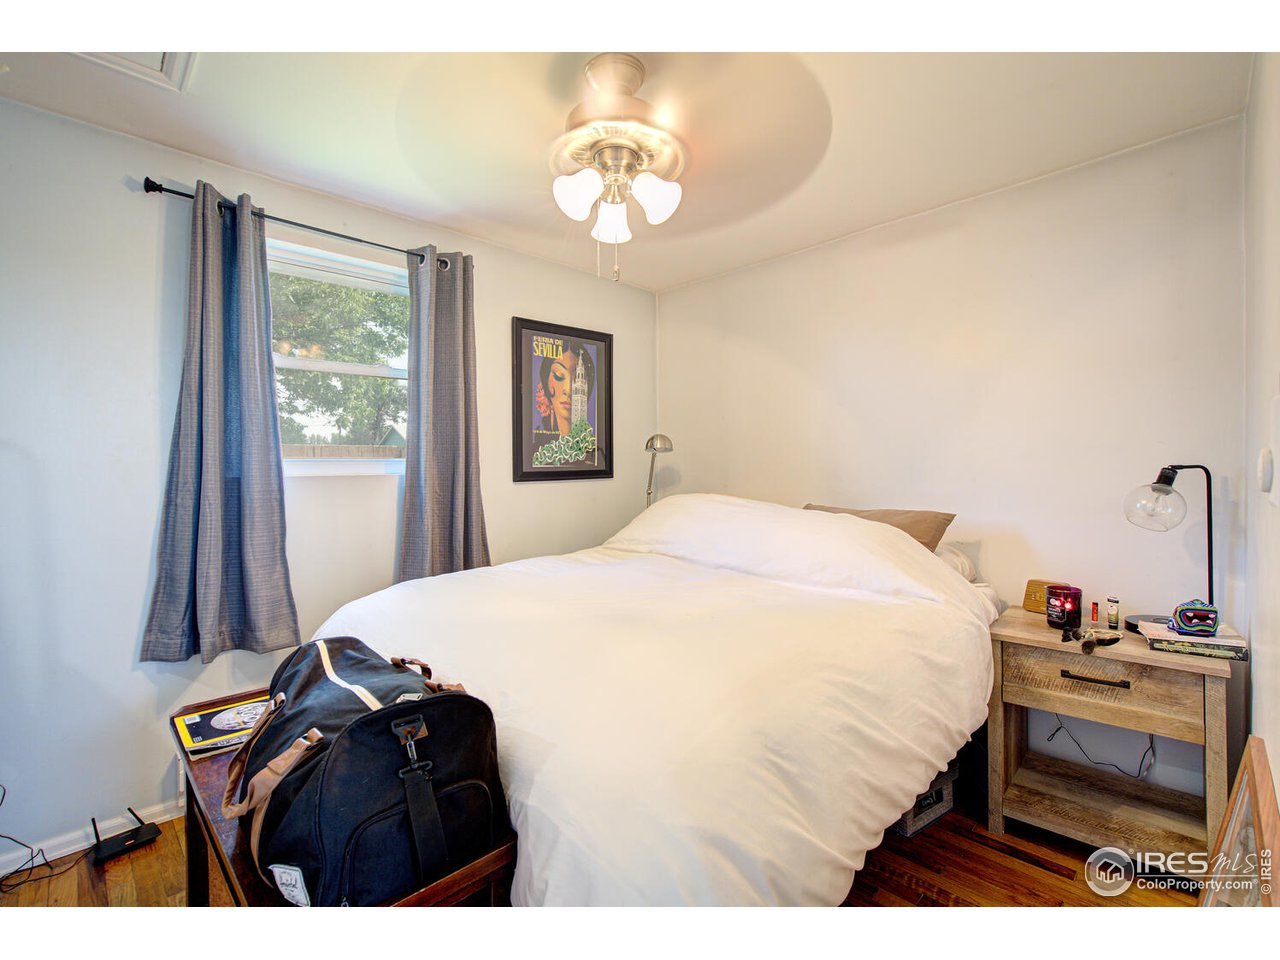 15 x 8 Bedroom.